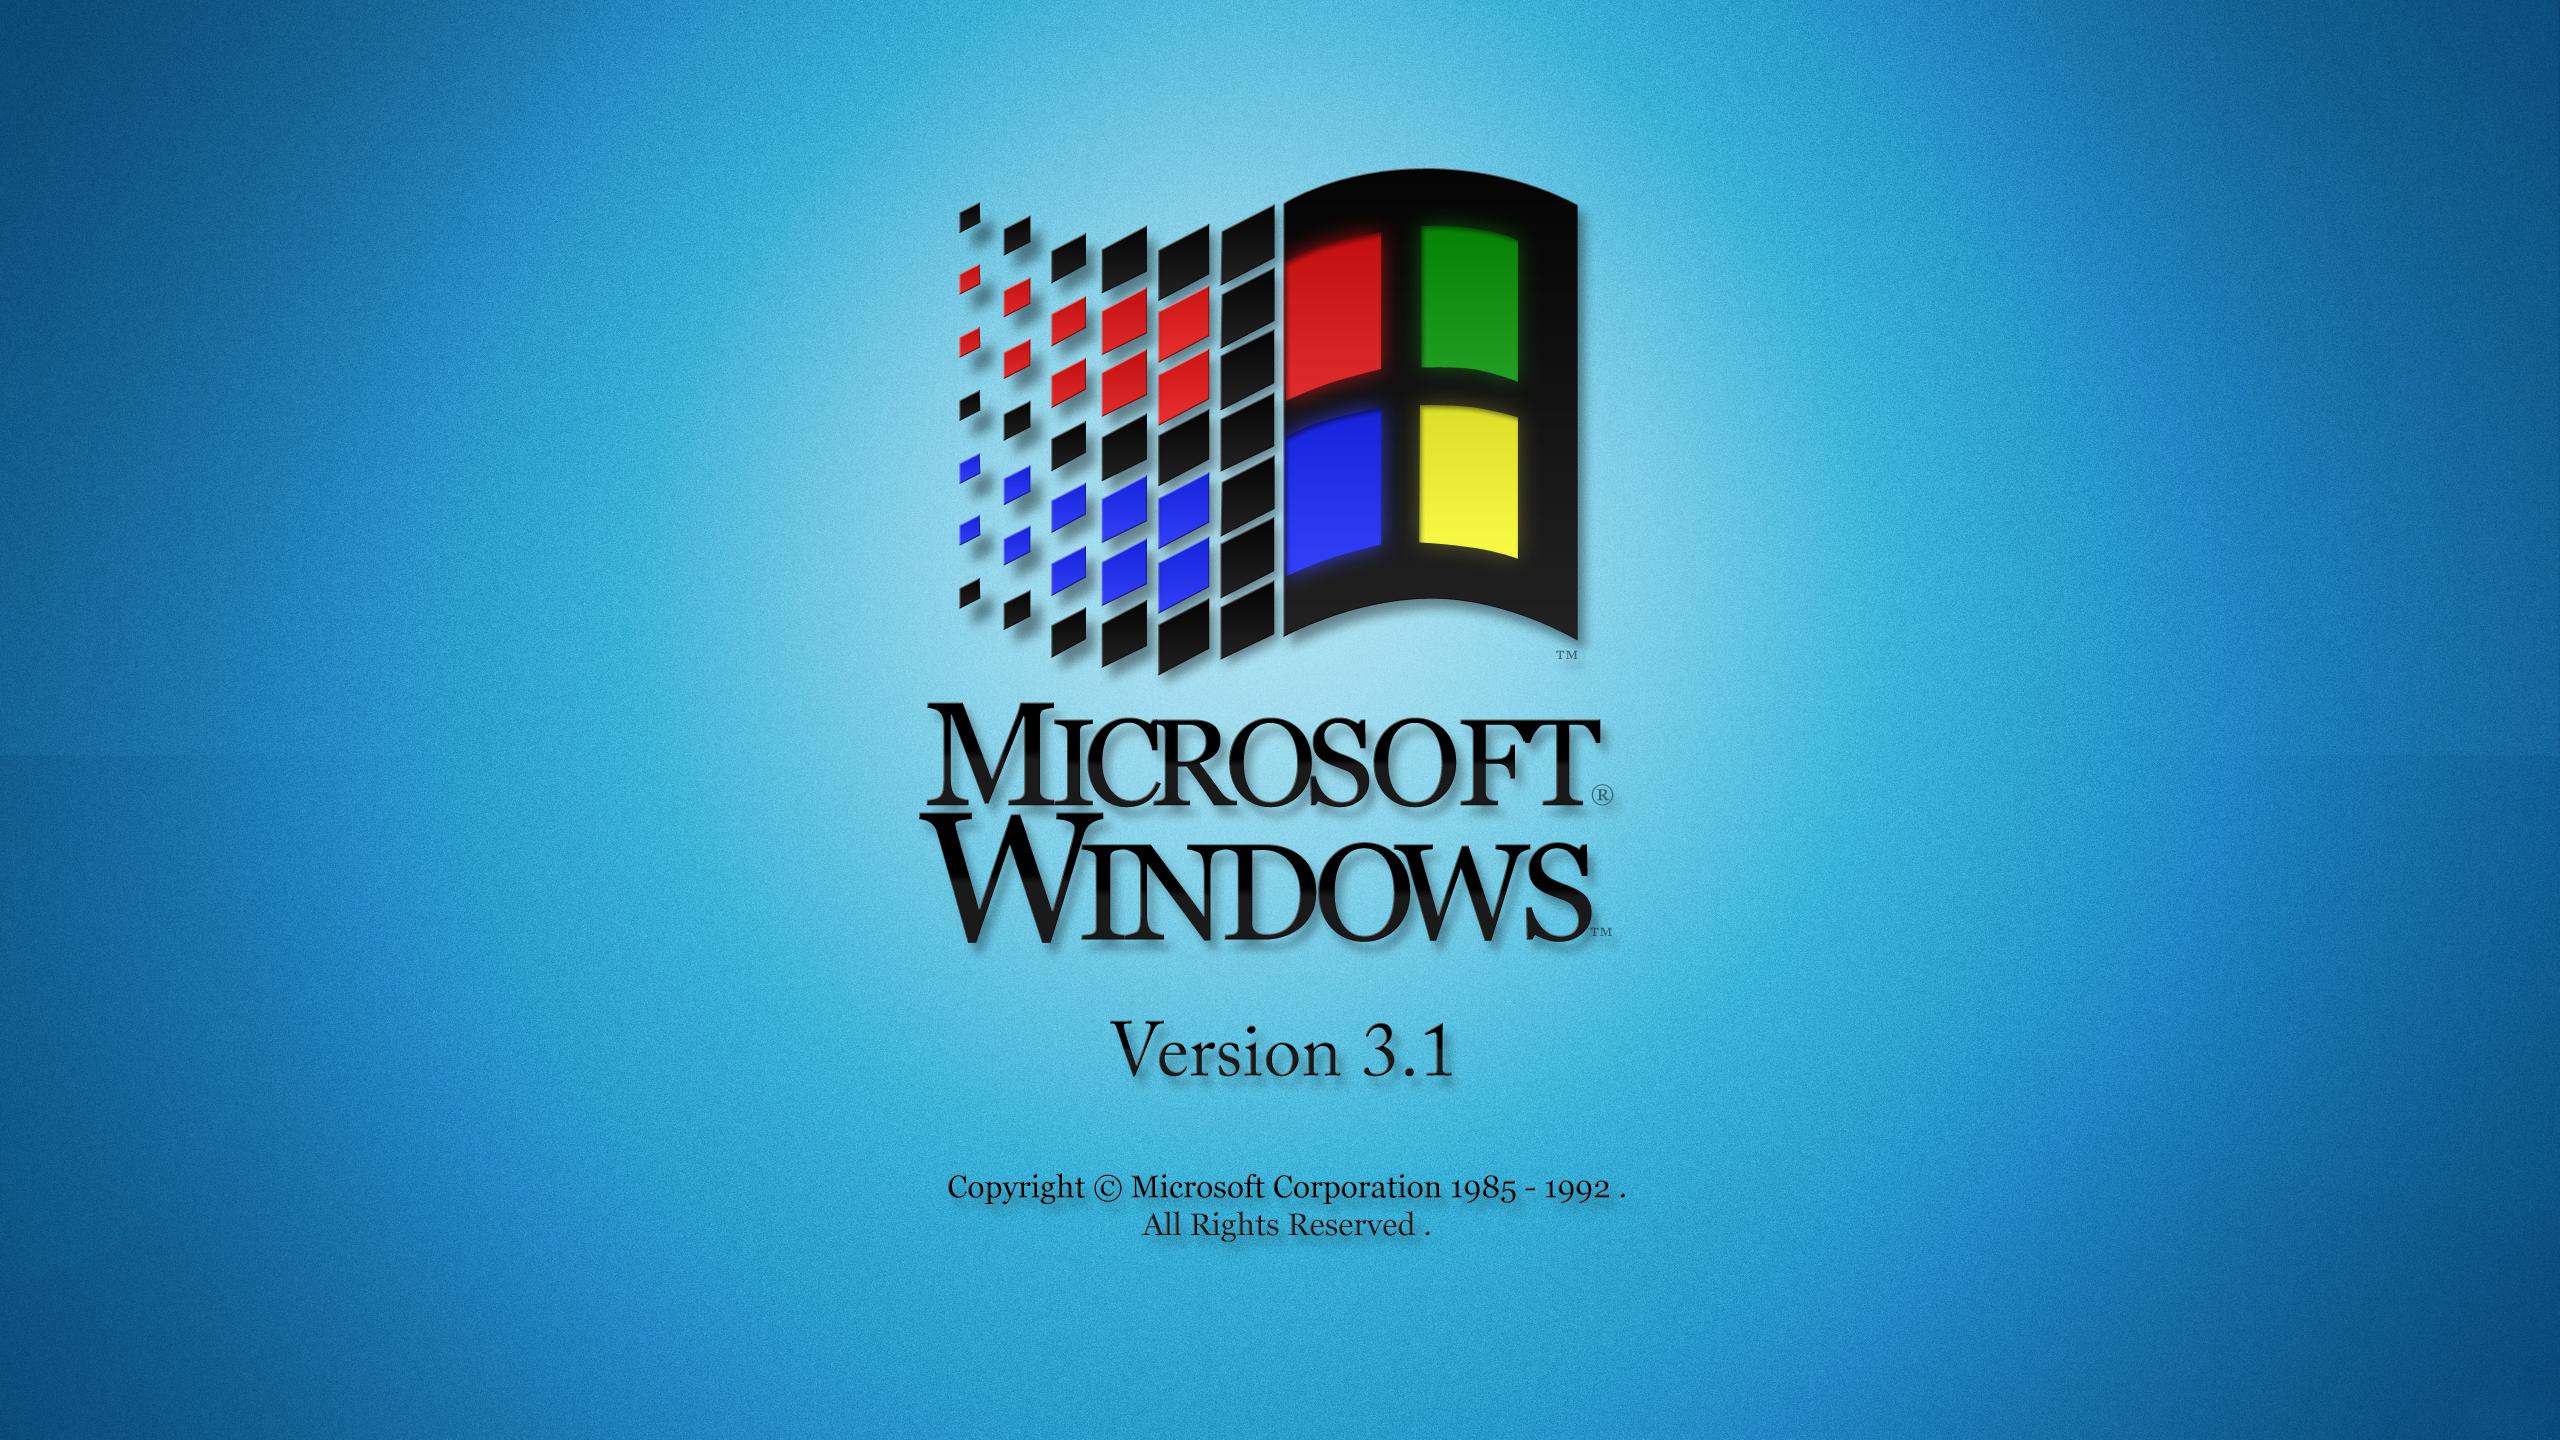 coders windows fan - photo #29